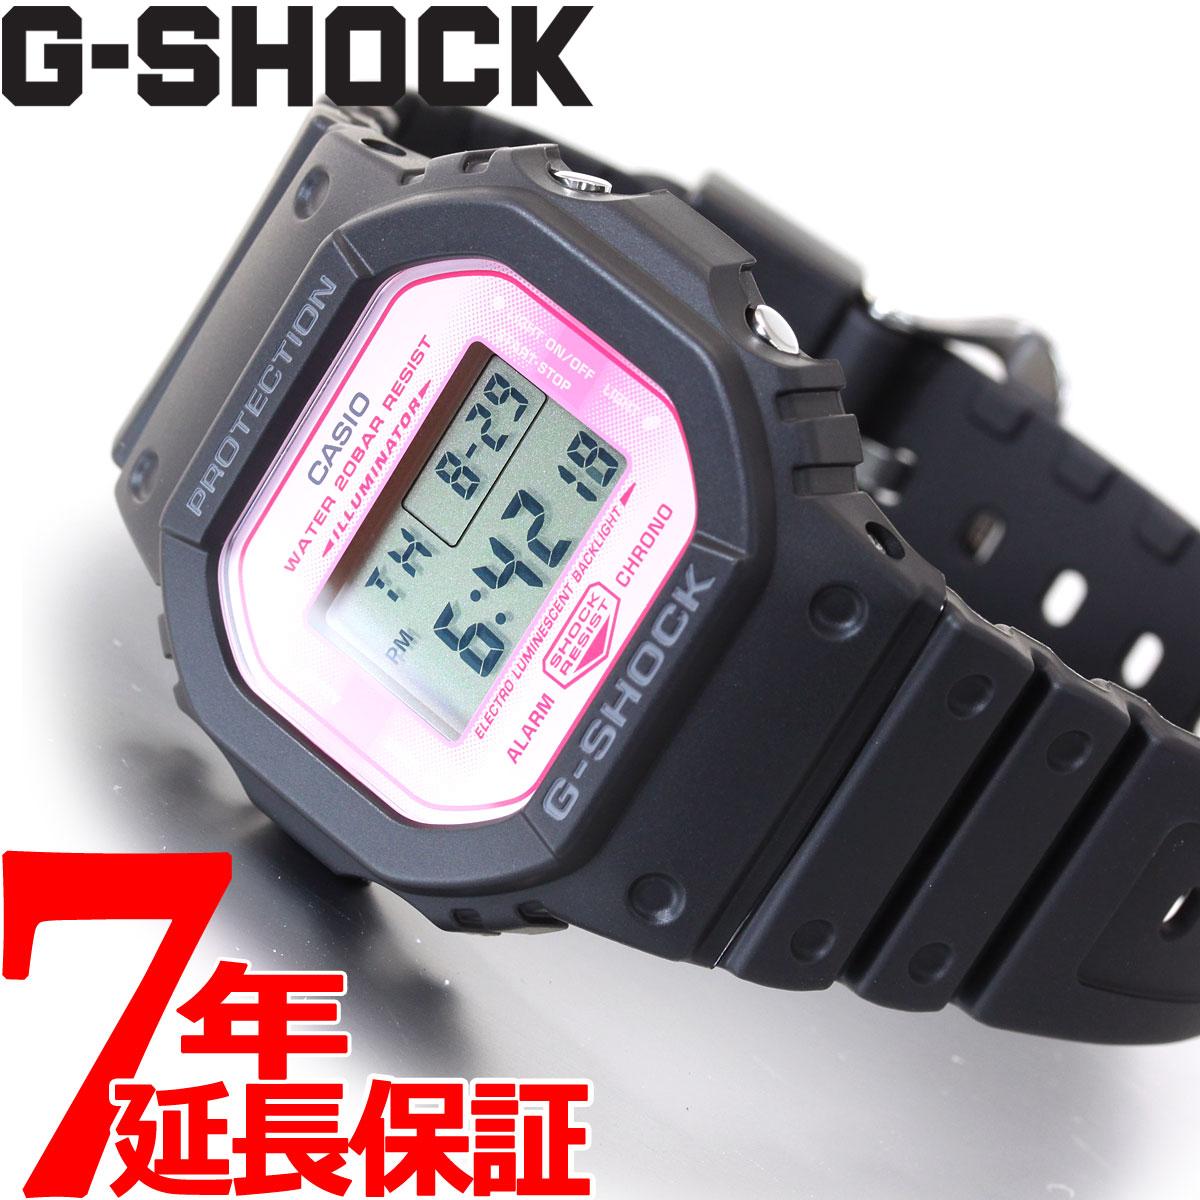 腕時計, メンズ腕時計 2000OFF54.5G-SHOCK 5600 G CASIO SAKURASTORM DW-5600TCB-1JR